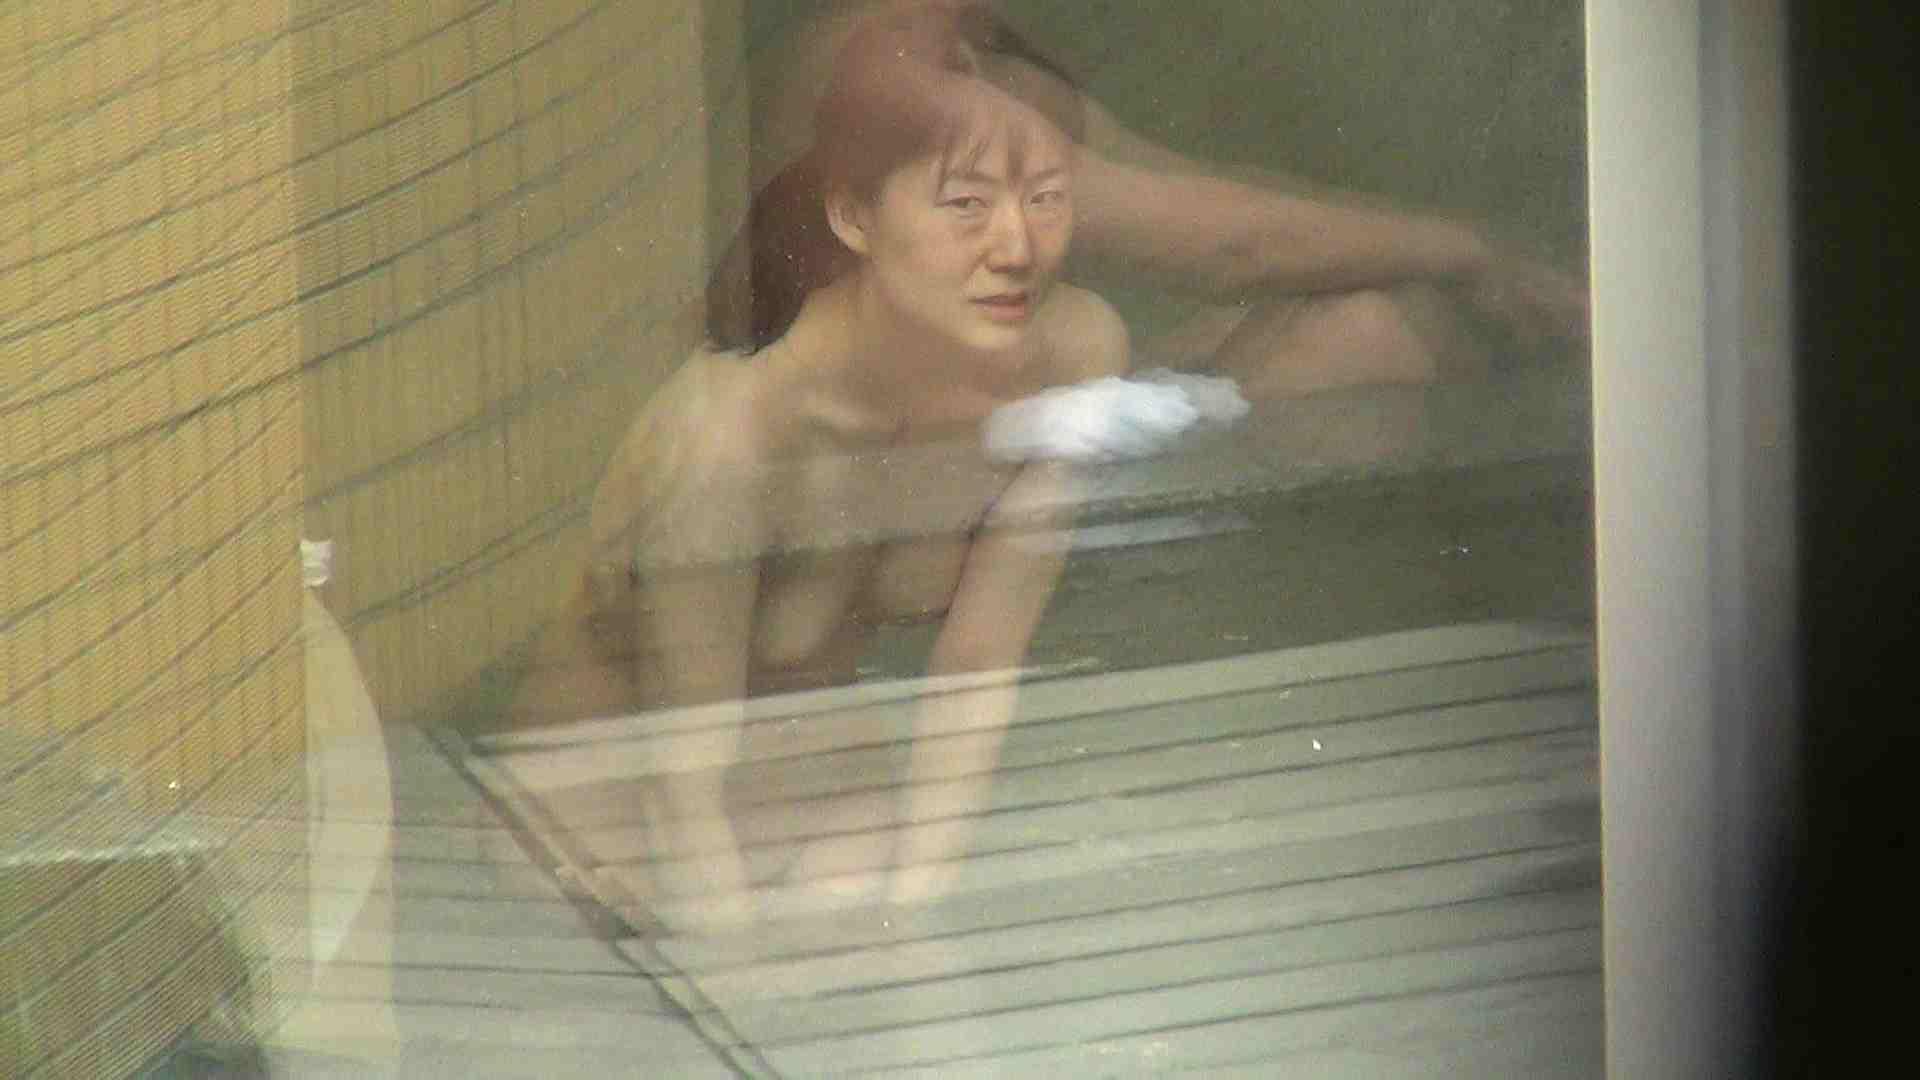 Aquaな露天風呂Vol.299 盗撮シリーズ  82PIX 46